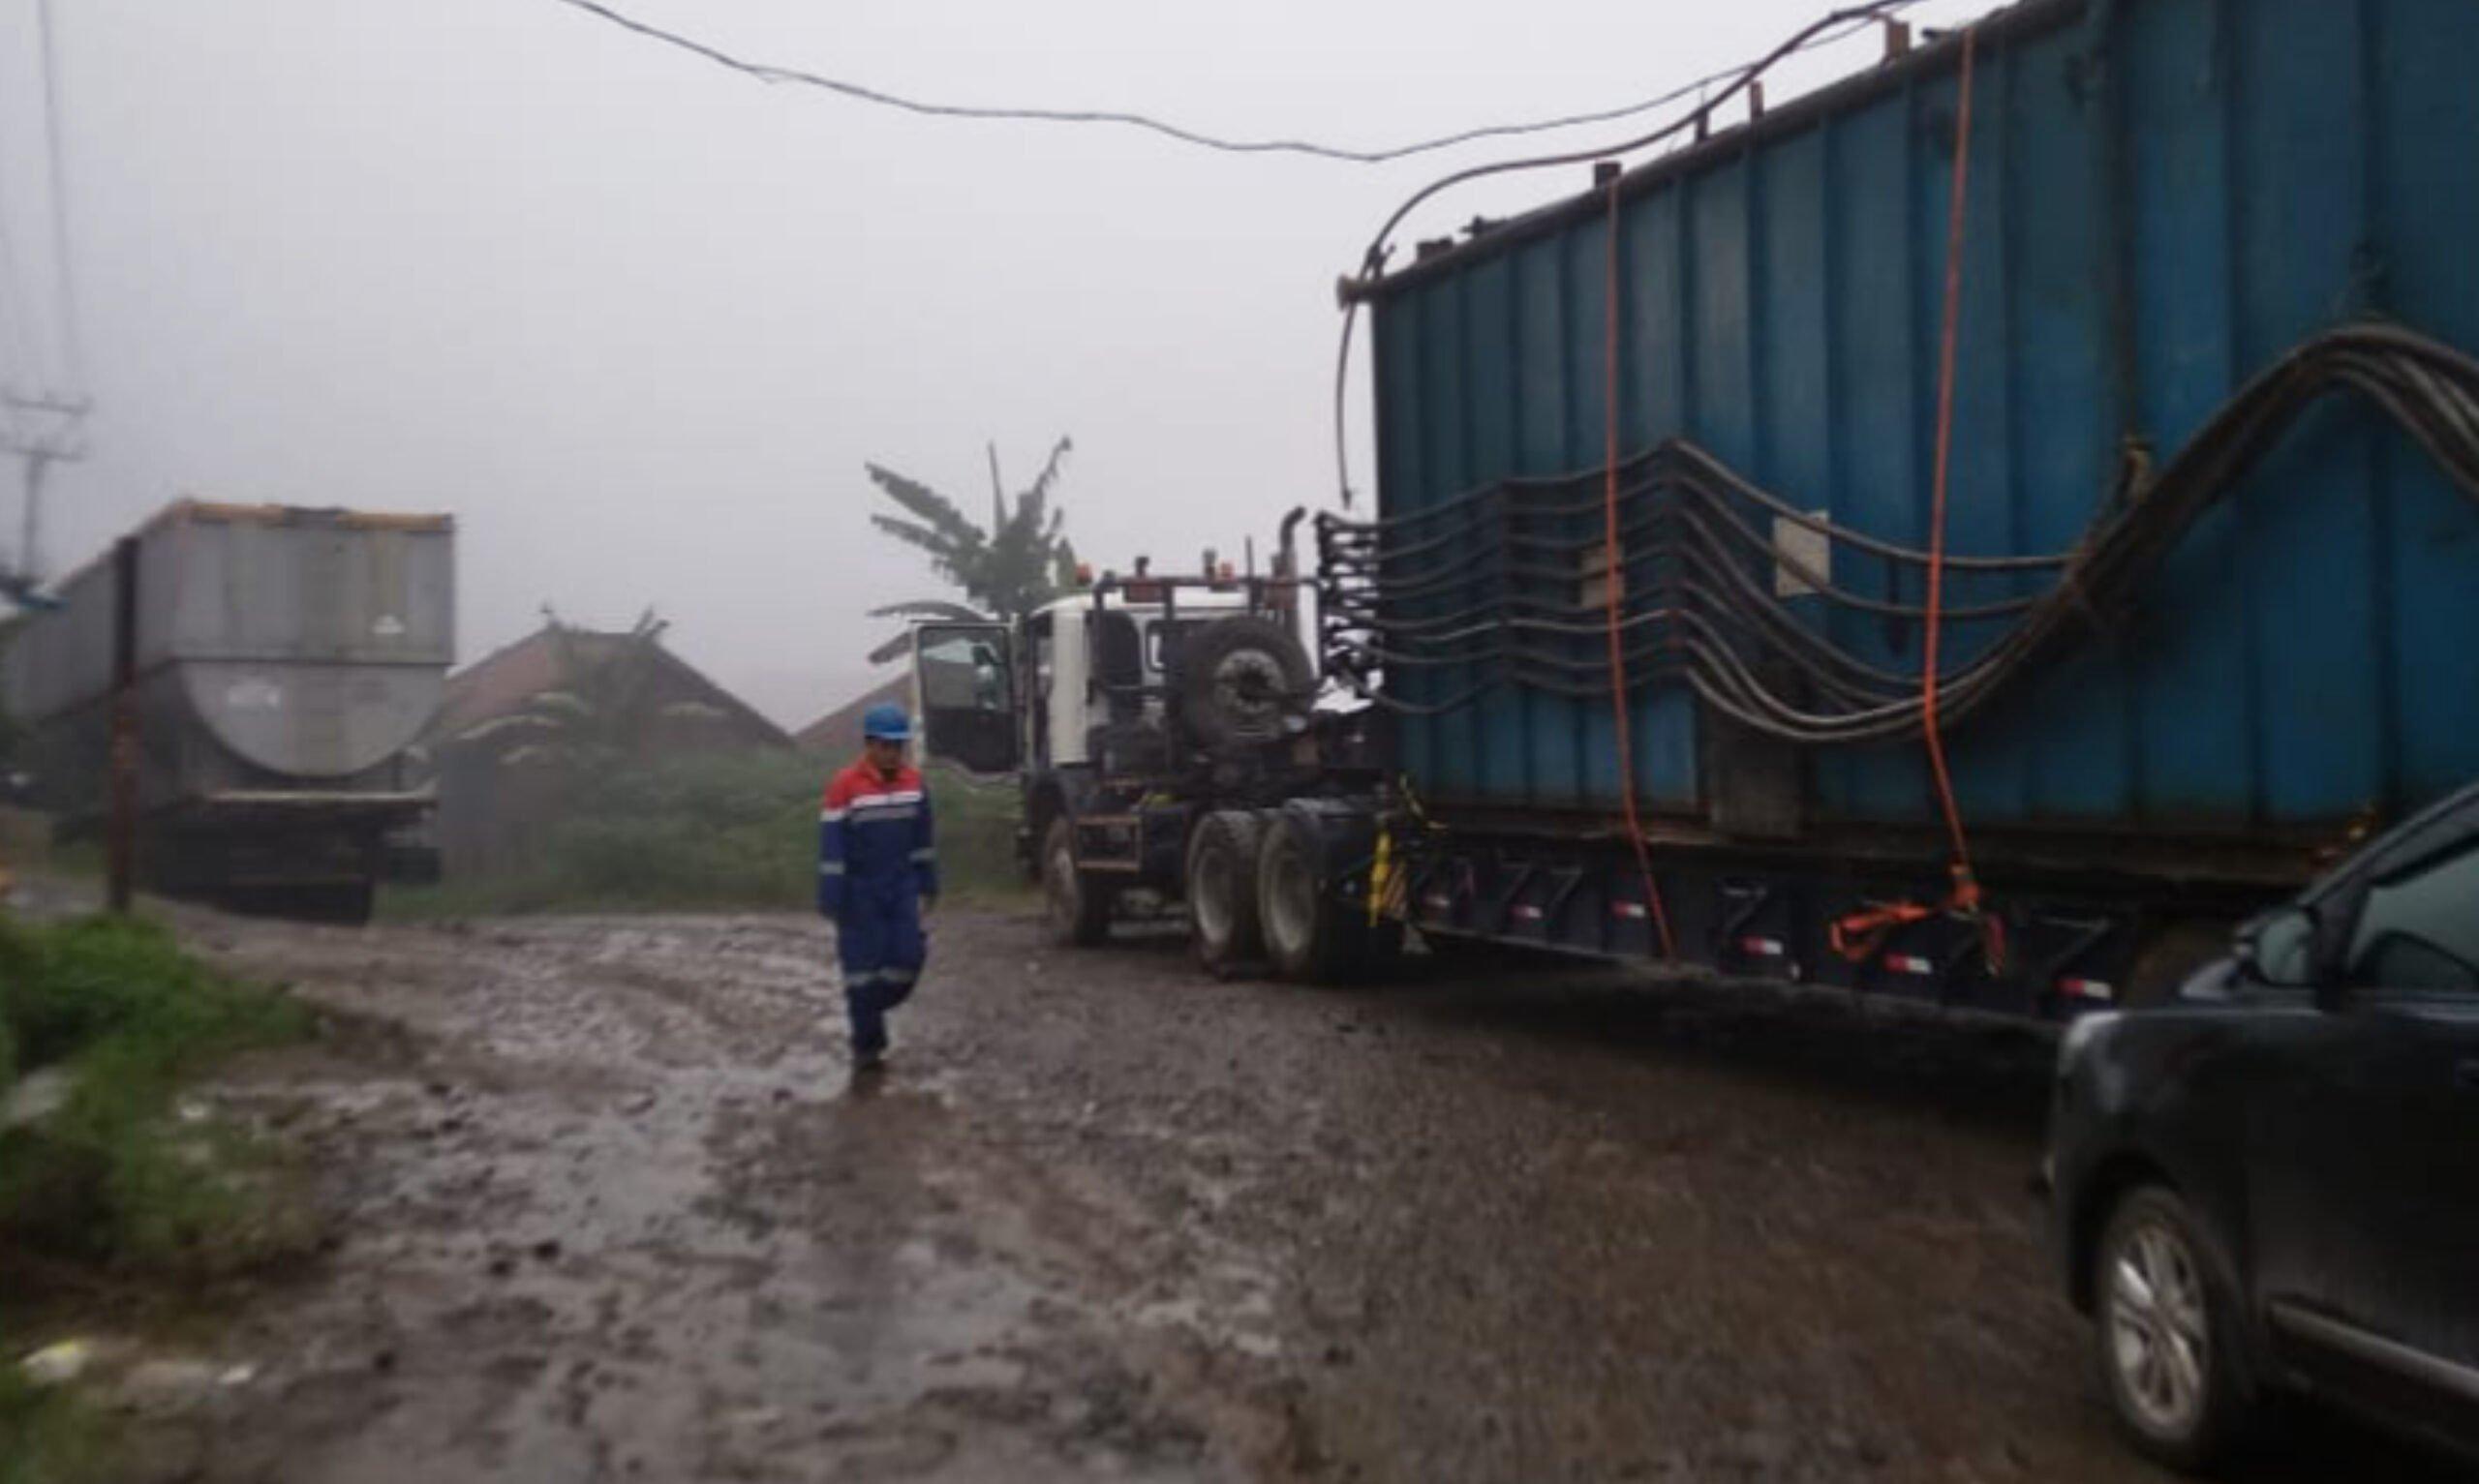 FK3I Jabar Minta Kejelasan Aktifitas Hilirmudik Angkutan dan Alatberat ke Lokasi Geodipa Patuha 229